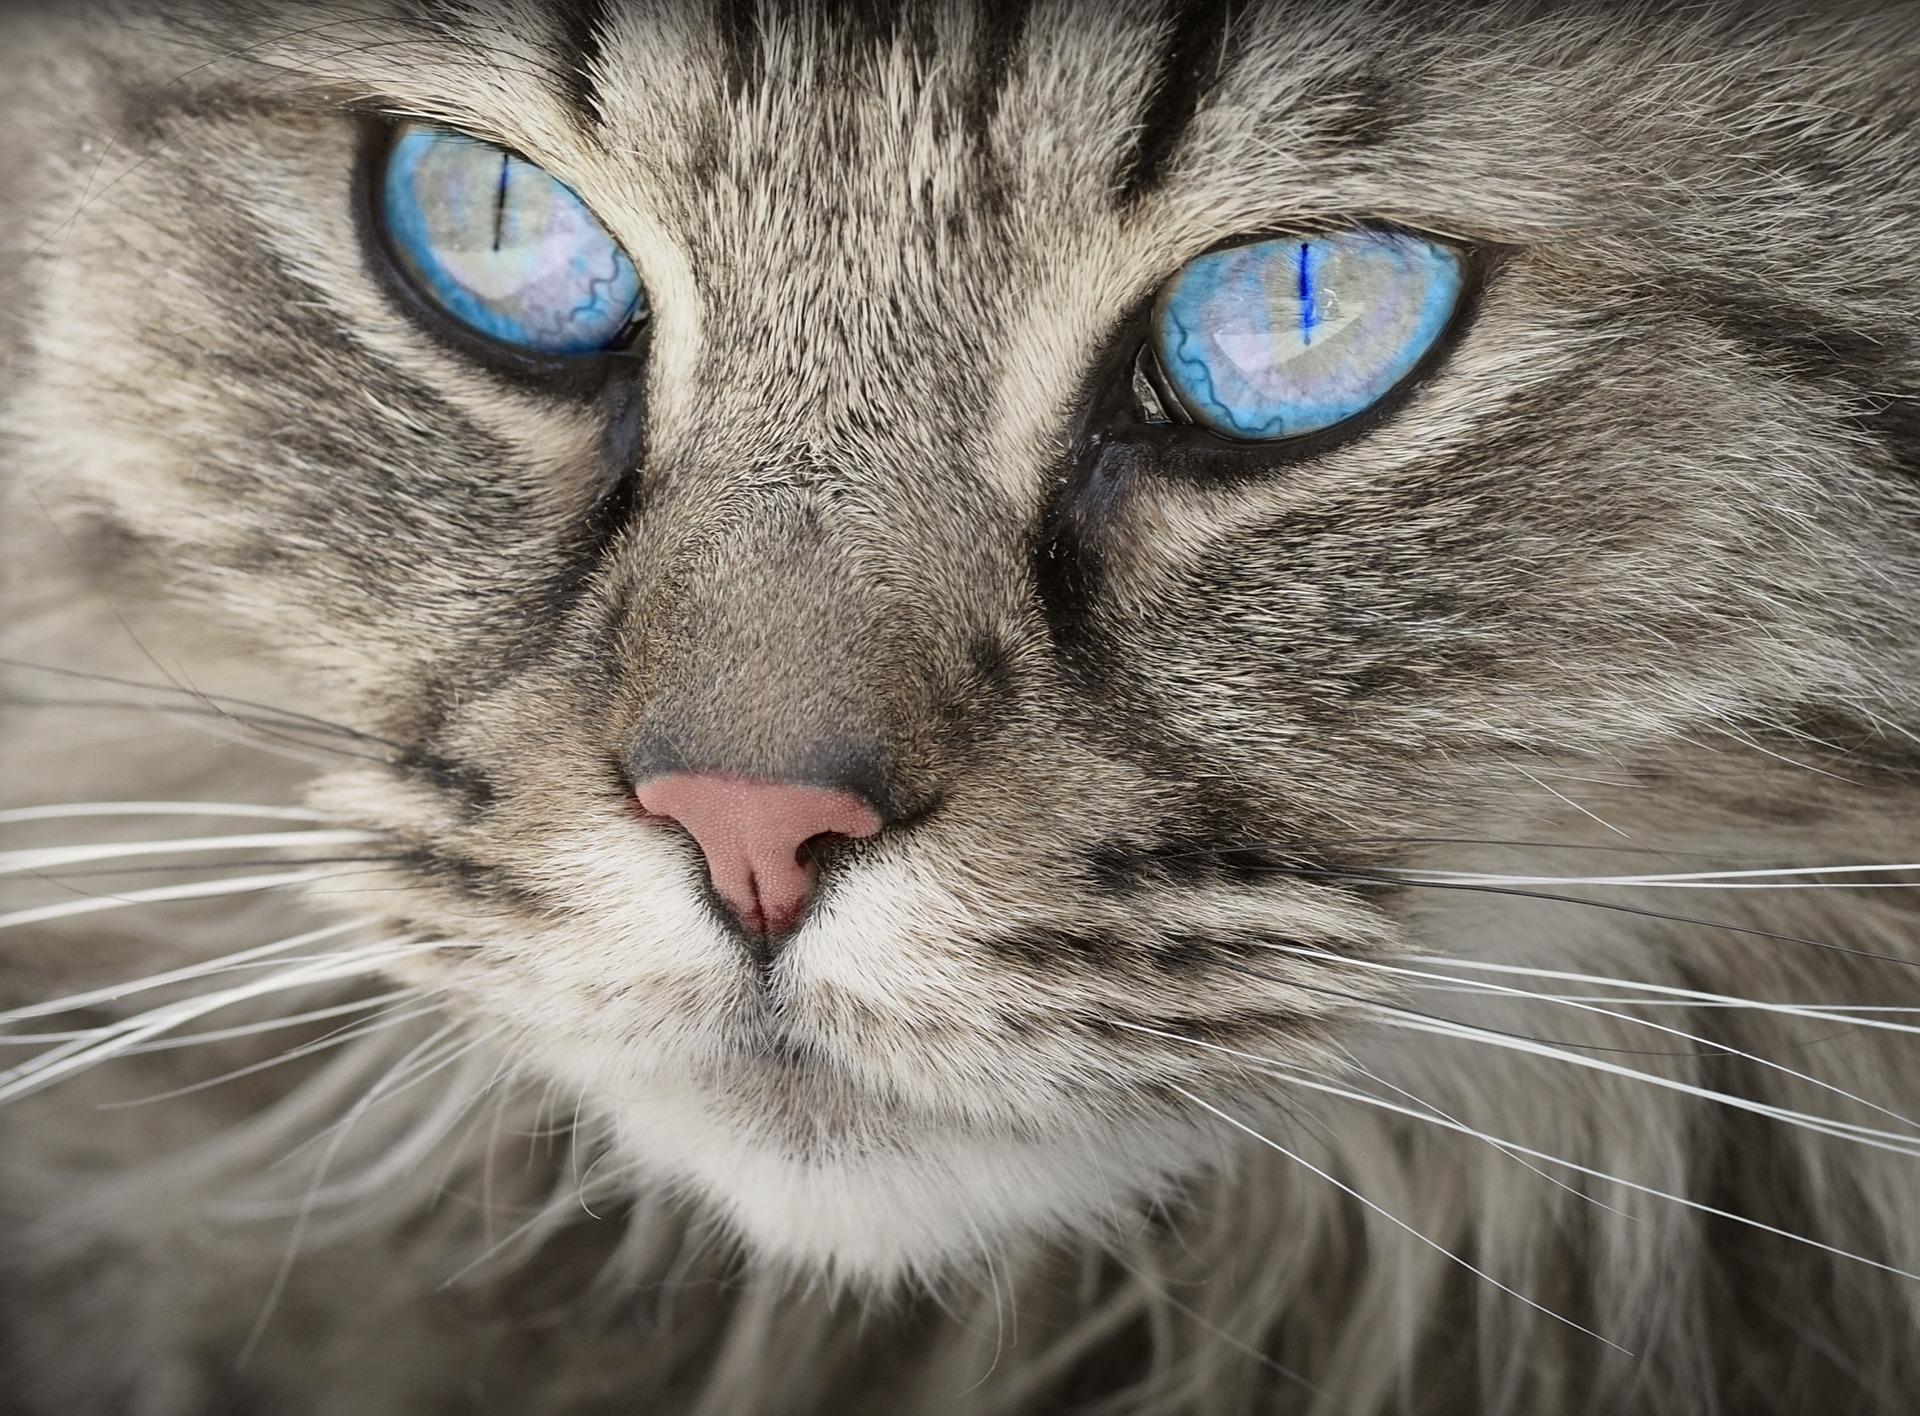 gato, felino, cara, olhos, Azul, Animal de estimação - Papéis de parede HD - Professor-falken.com